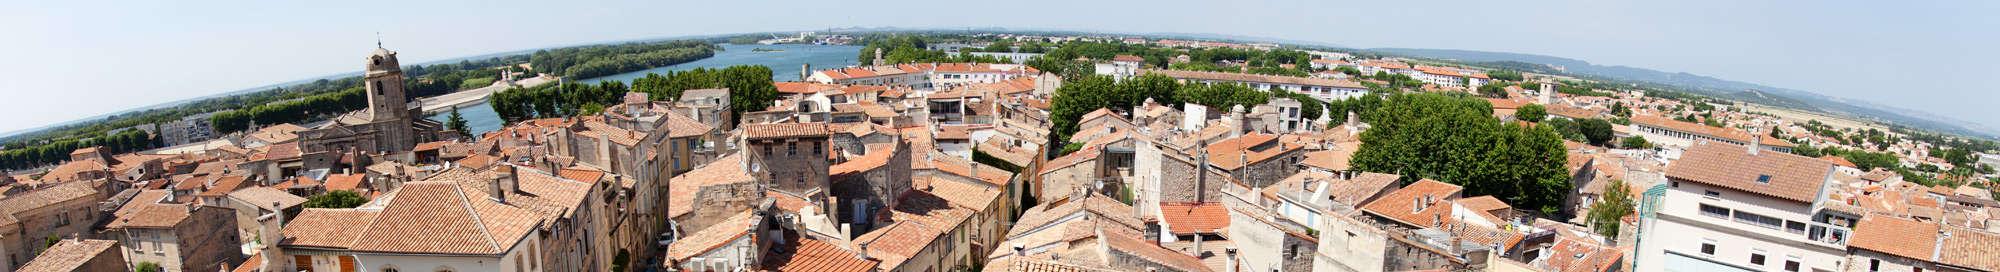 Week-end et séjour à Arles